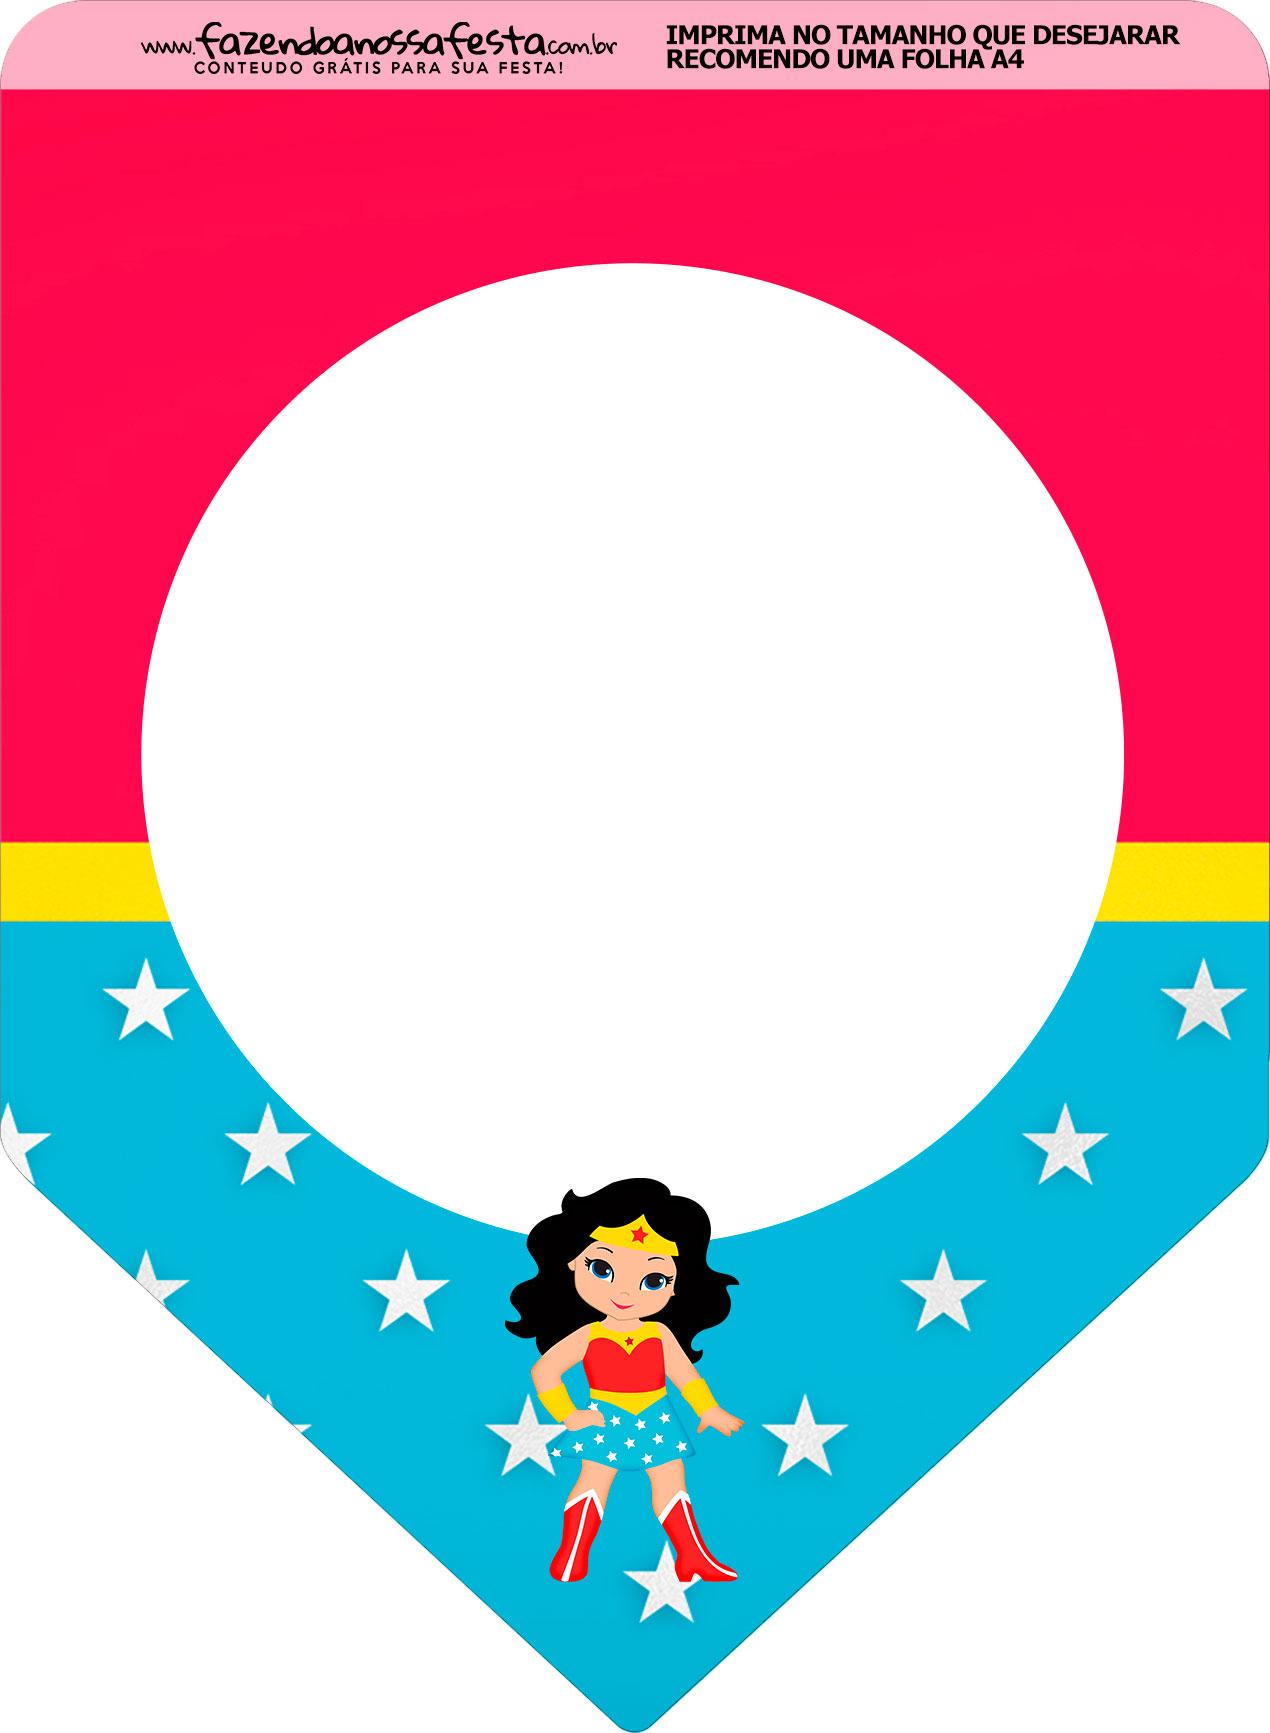 Bandeirinha Varalzinho Festa Mulher Maravilha cute